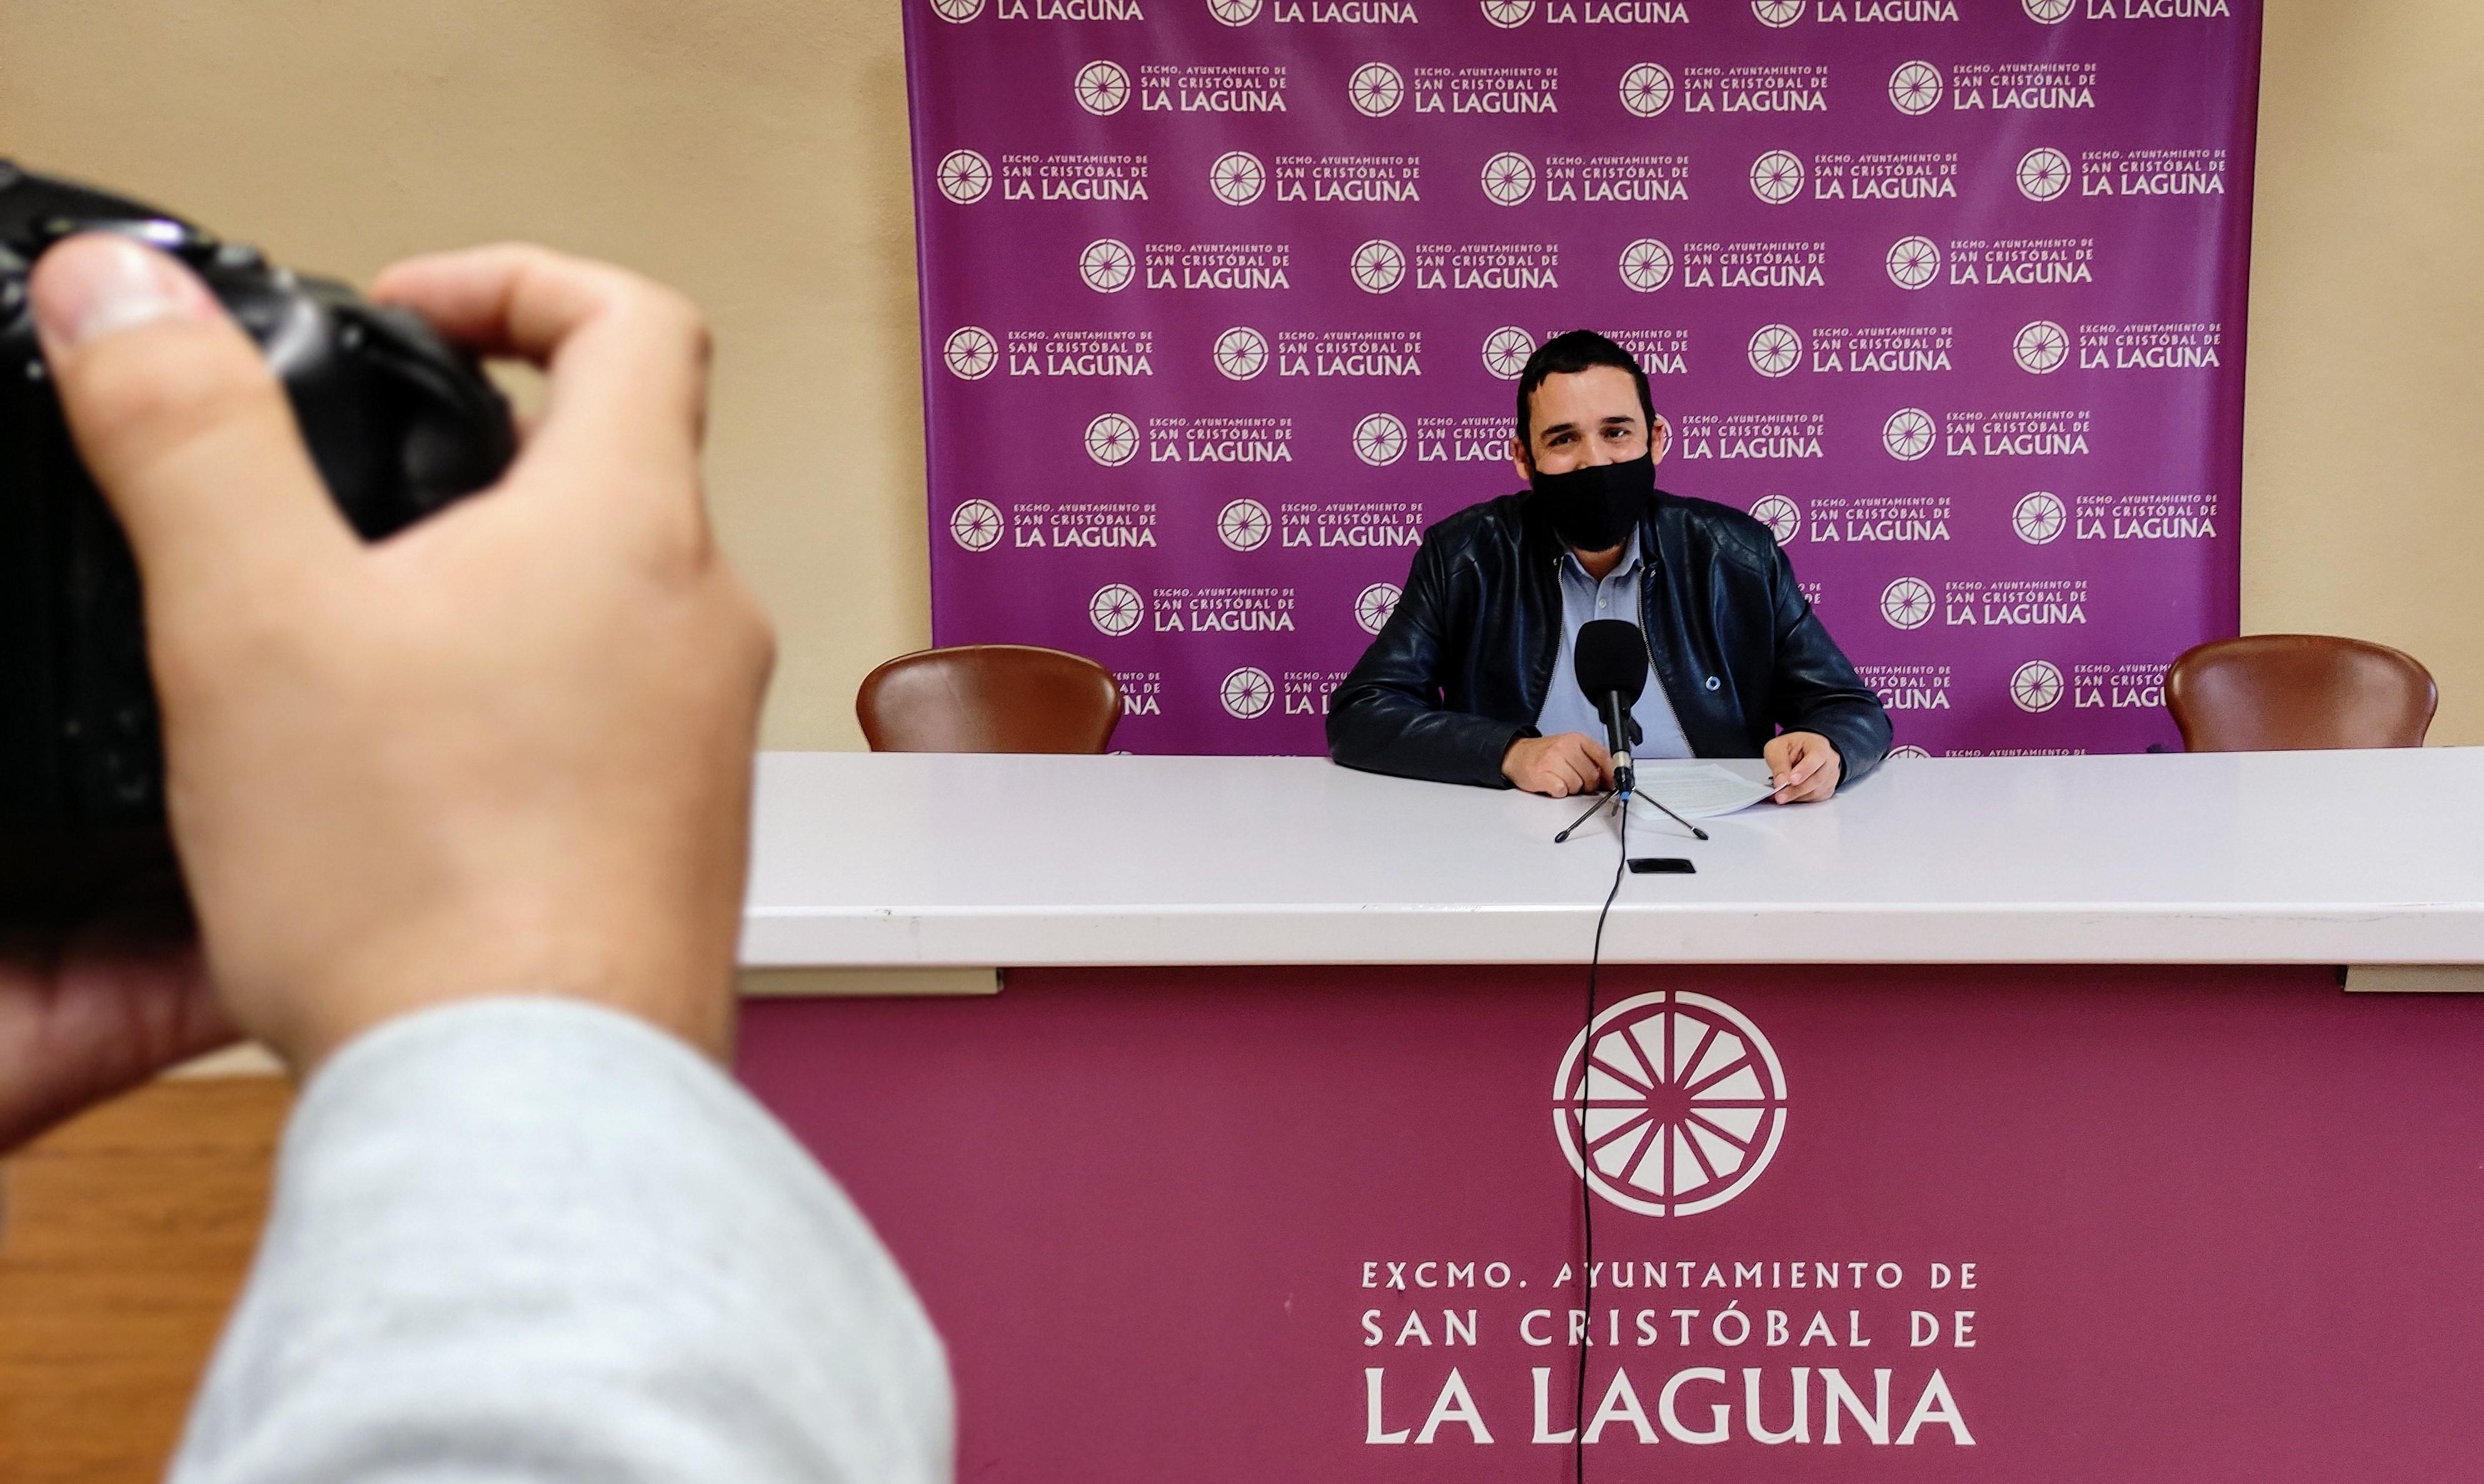 Rubens Ascanio, concejal de Bienestar Social del Ayuntamiento de La Laguna / CanariasNoticias.es